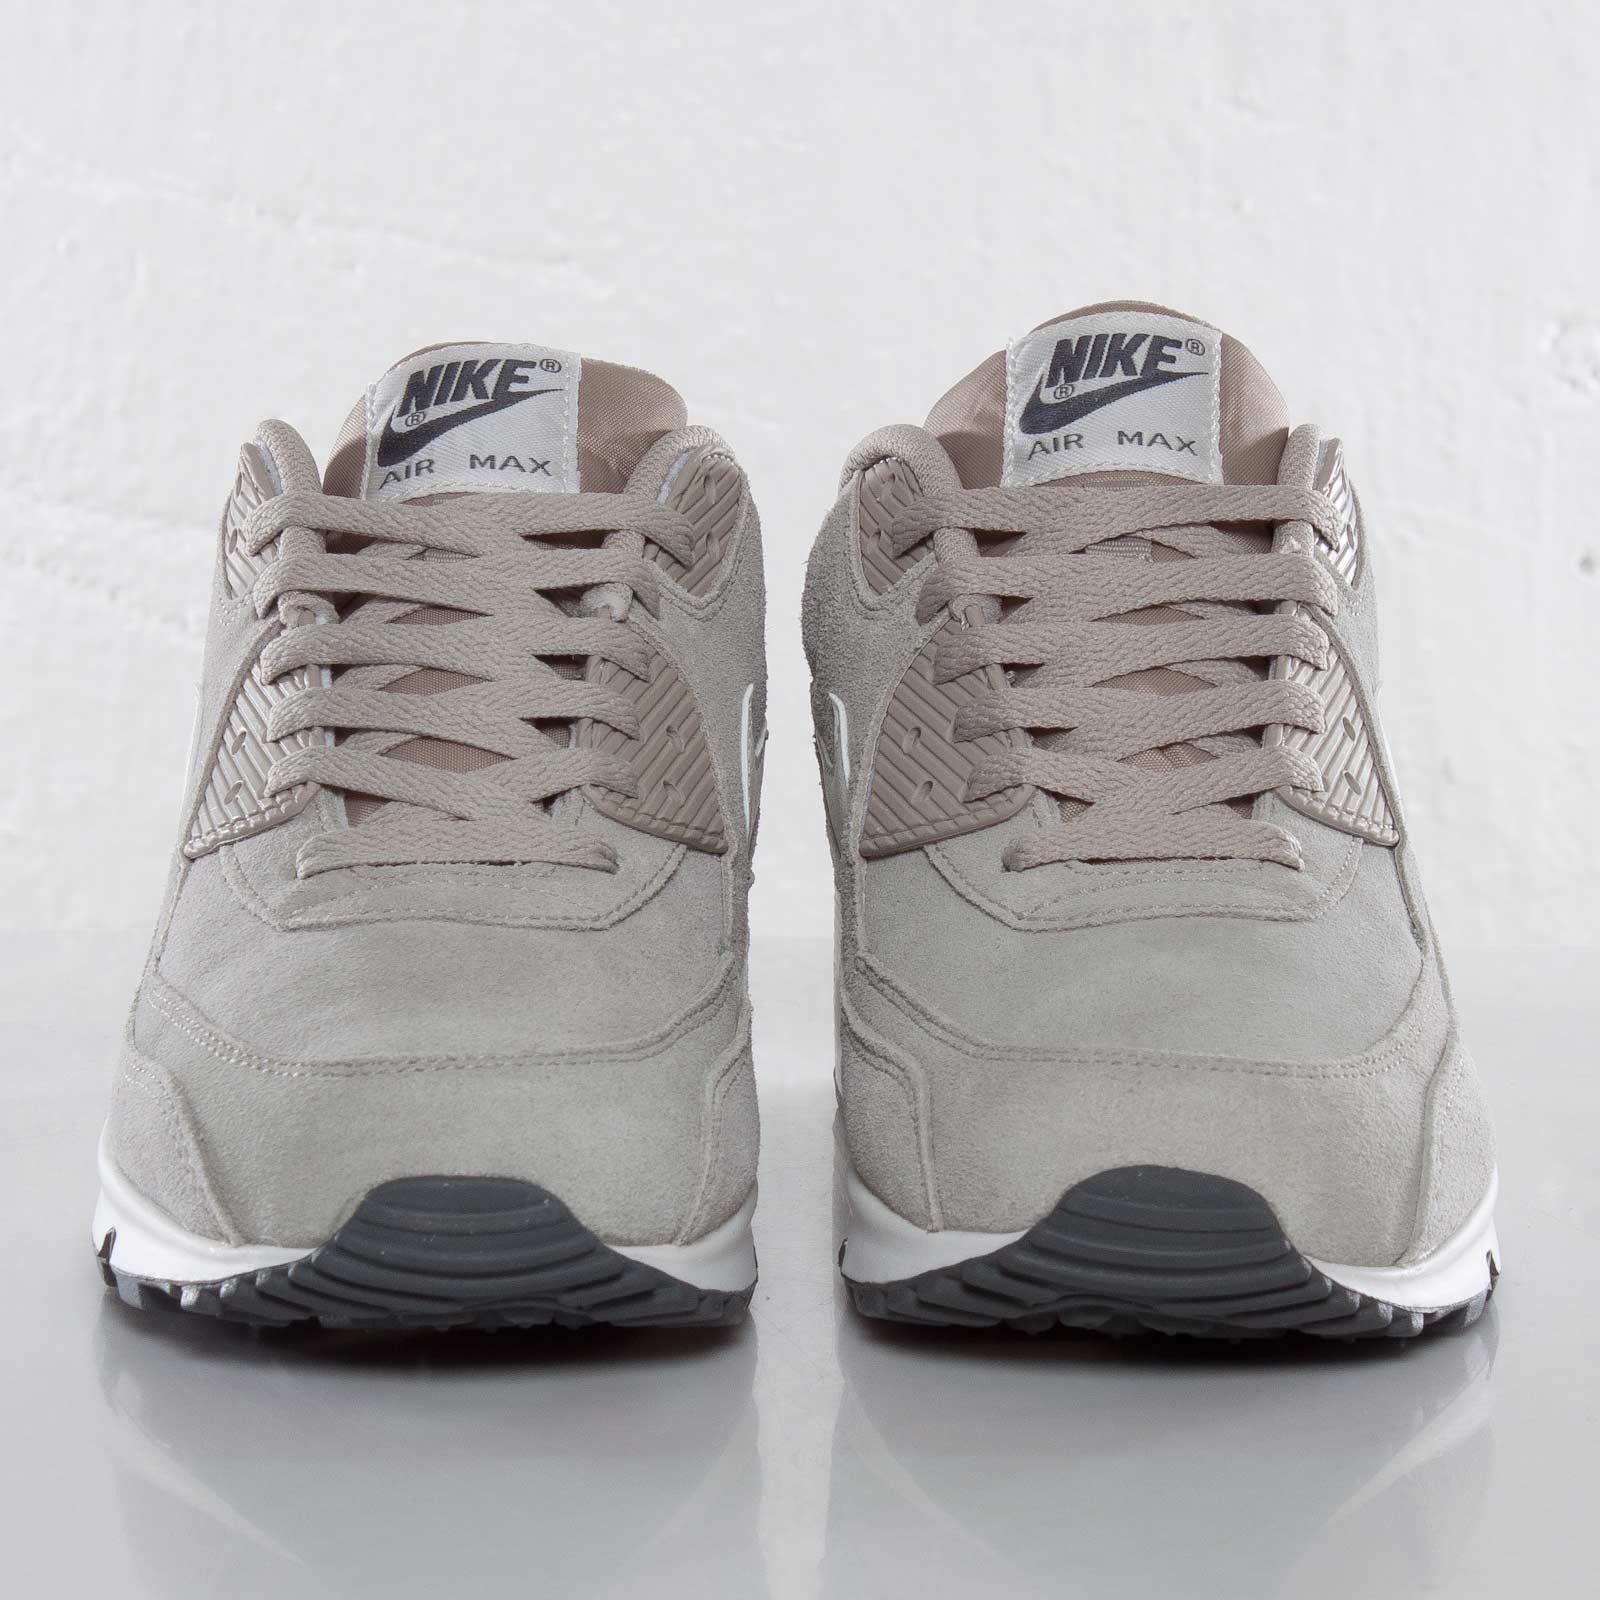 low priced 33fe7 0eb3d Nike Air Max 90 Essential - 537384-099 - Sneakersnstuff   sneakers    streetwear online since 1999